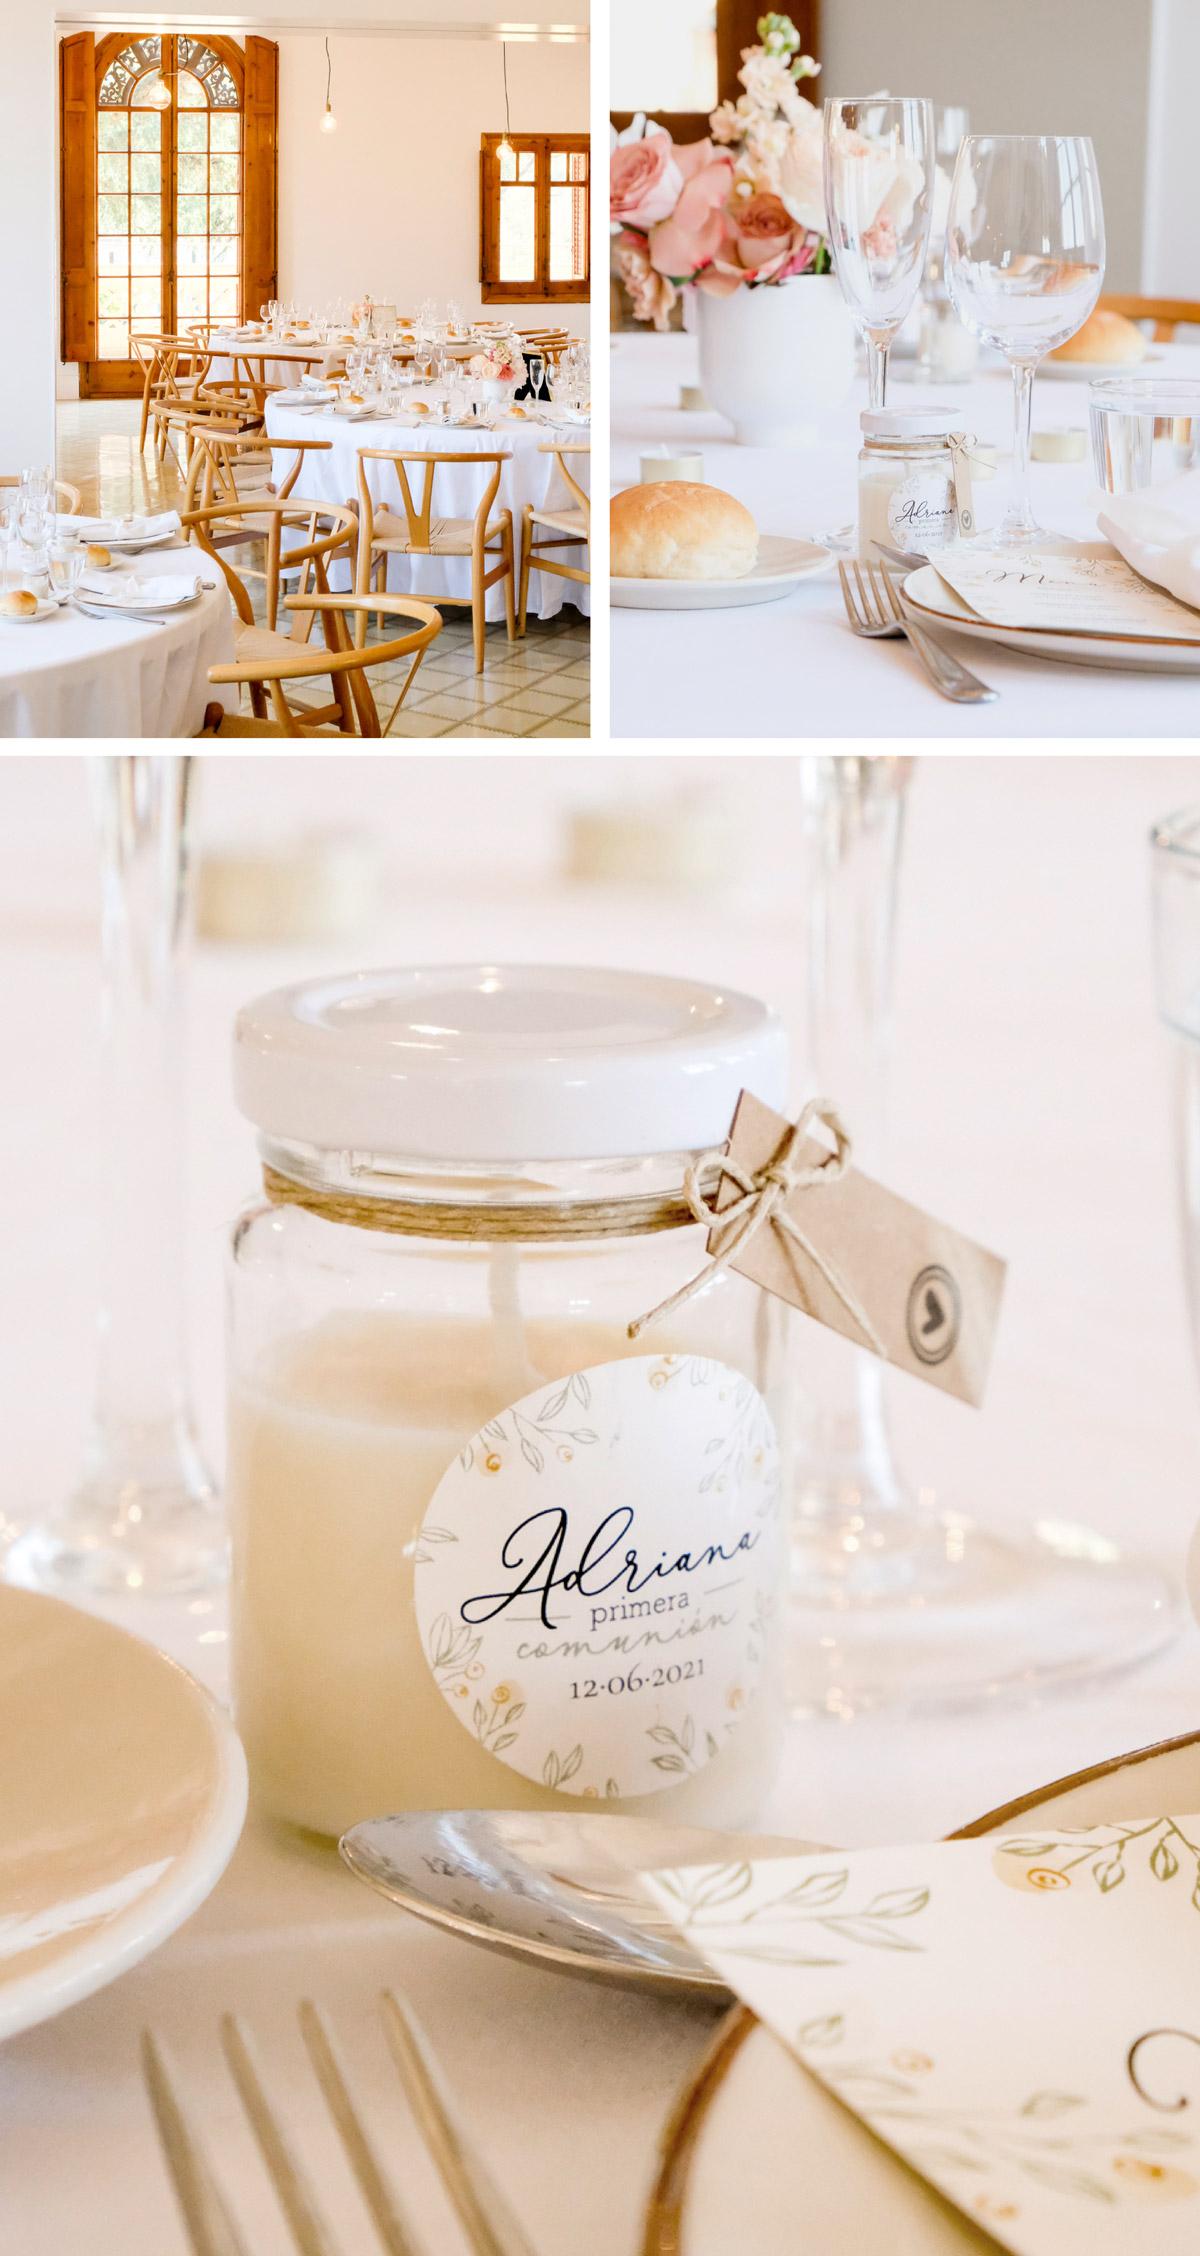 Ejemplo de mesa para comida de primera comunión. Detalle recordatorio vela de cristal comunión